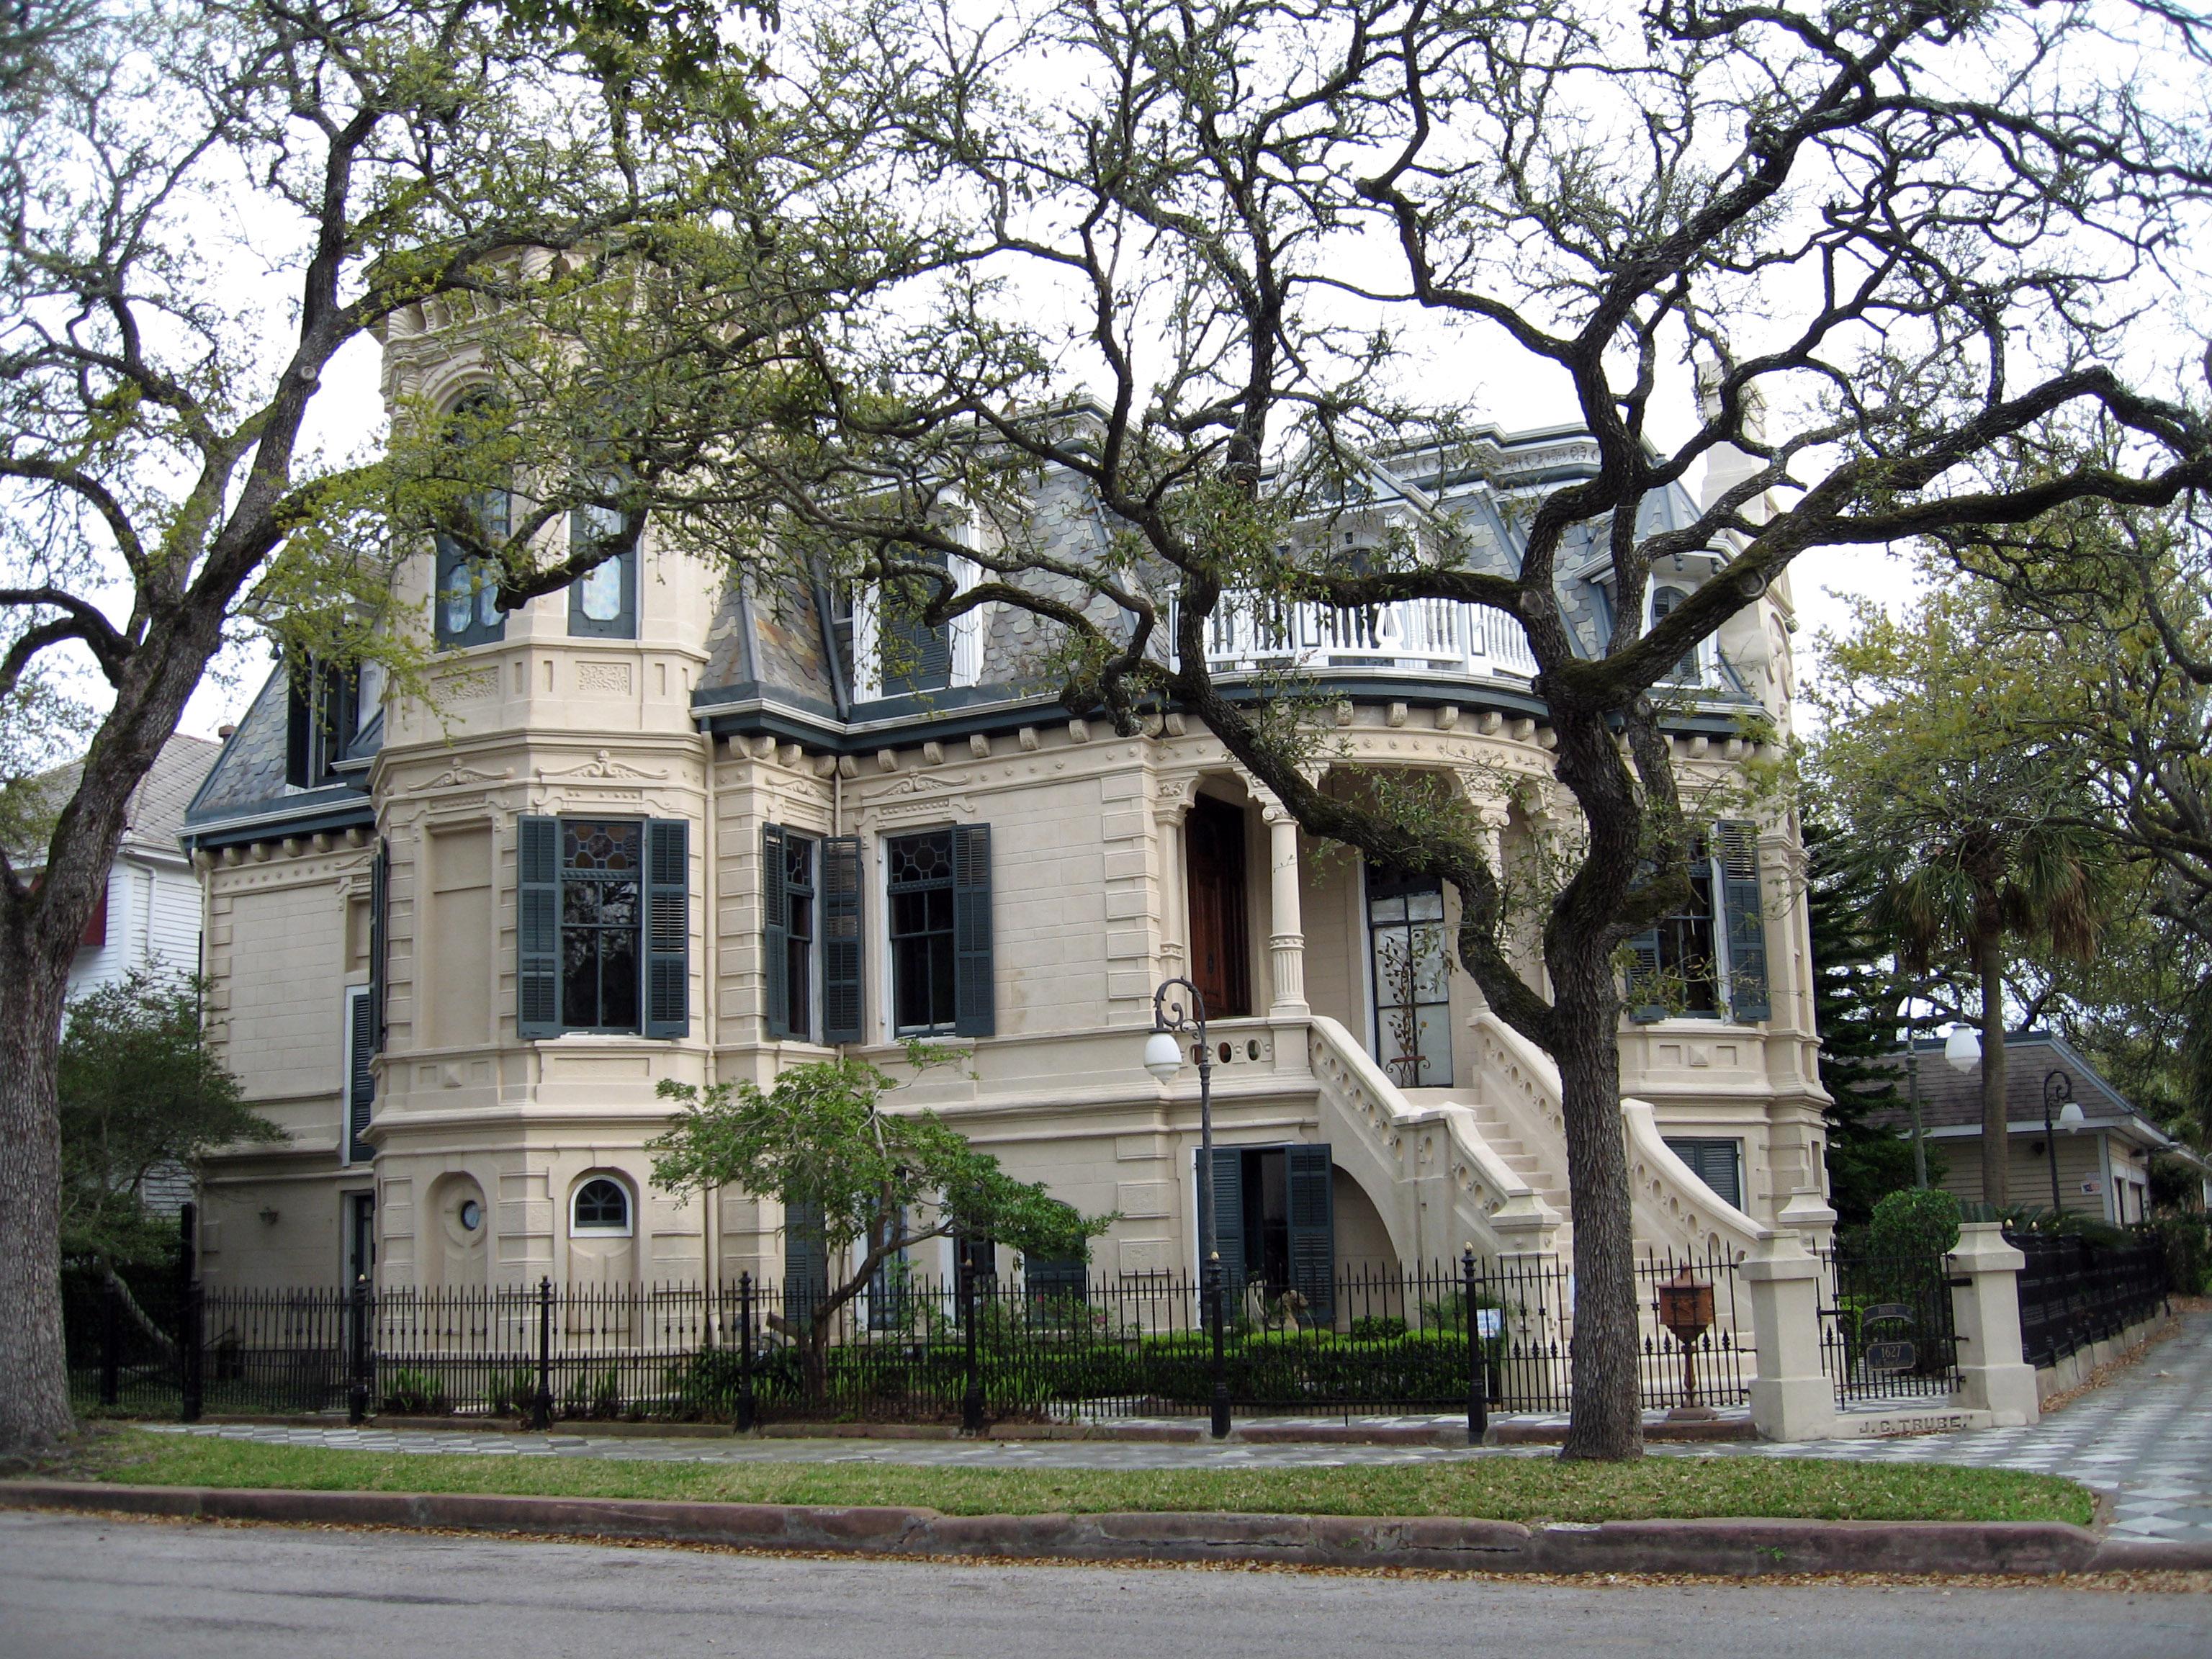 Houston Houses Built Inside Lake Beds